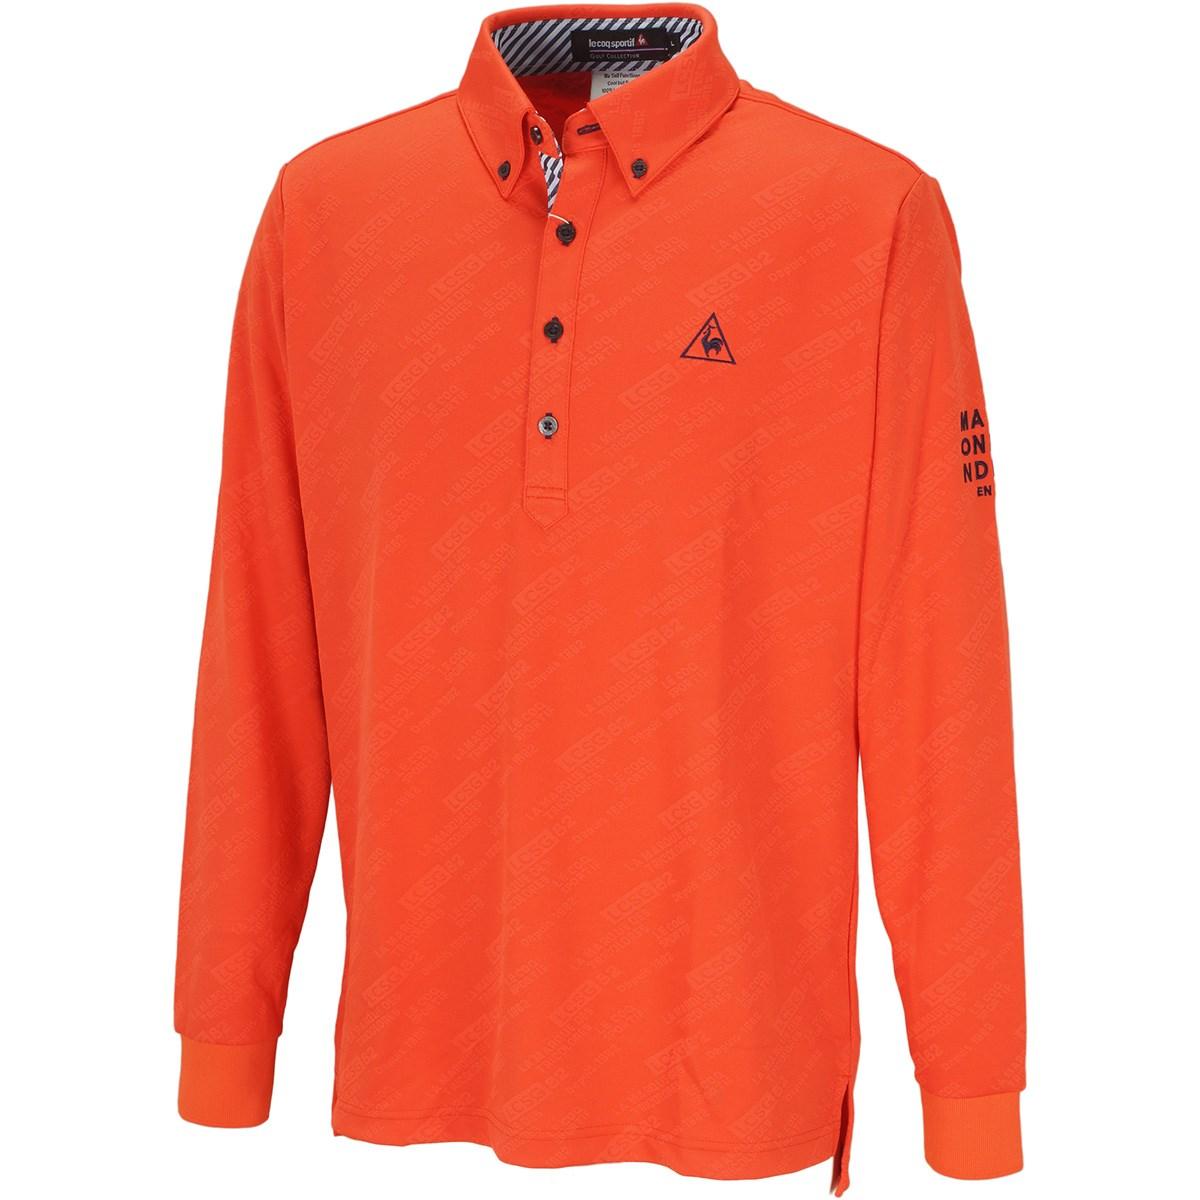 ルコックゴルフ Le coq sportif GOLF グラフィックジャカード長袖ポロシャツ L オレンジ 00